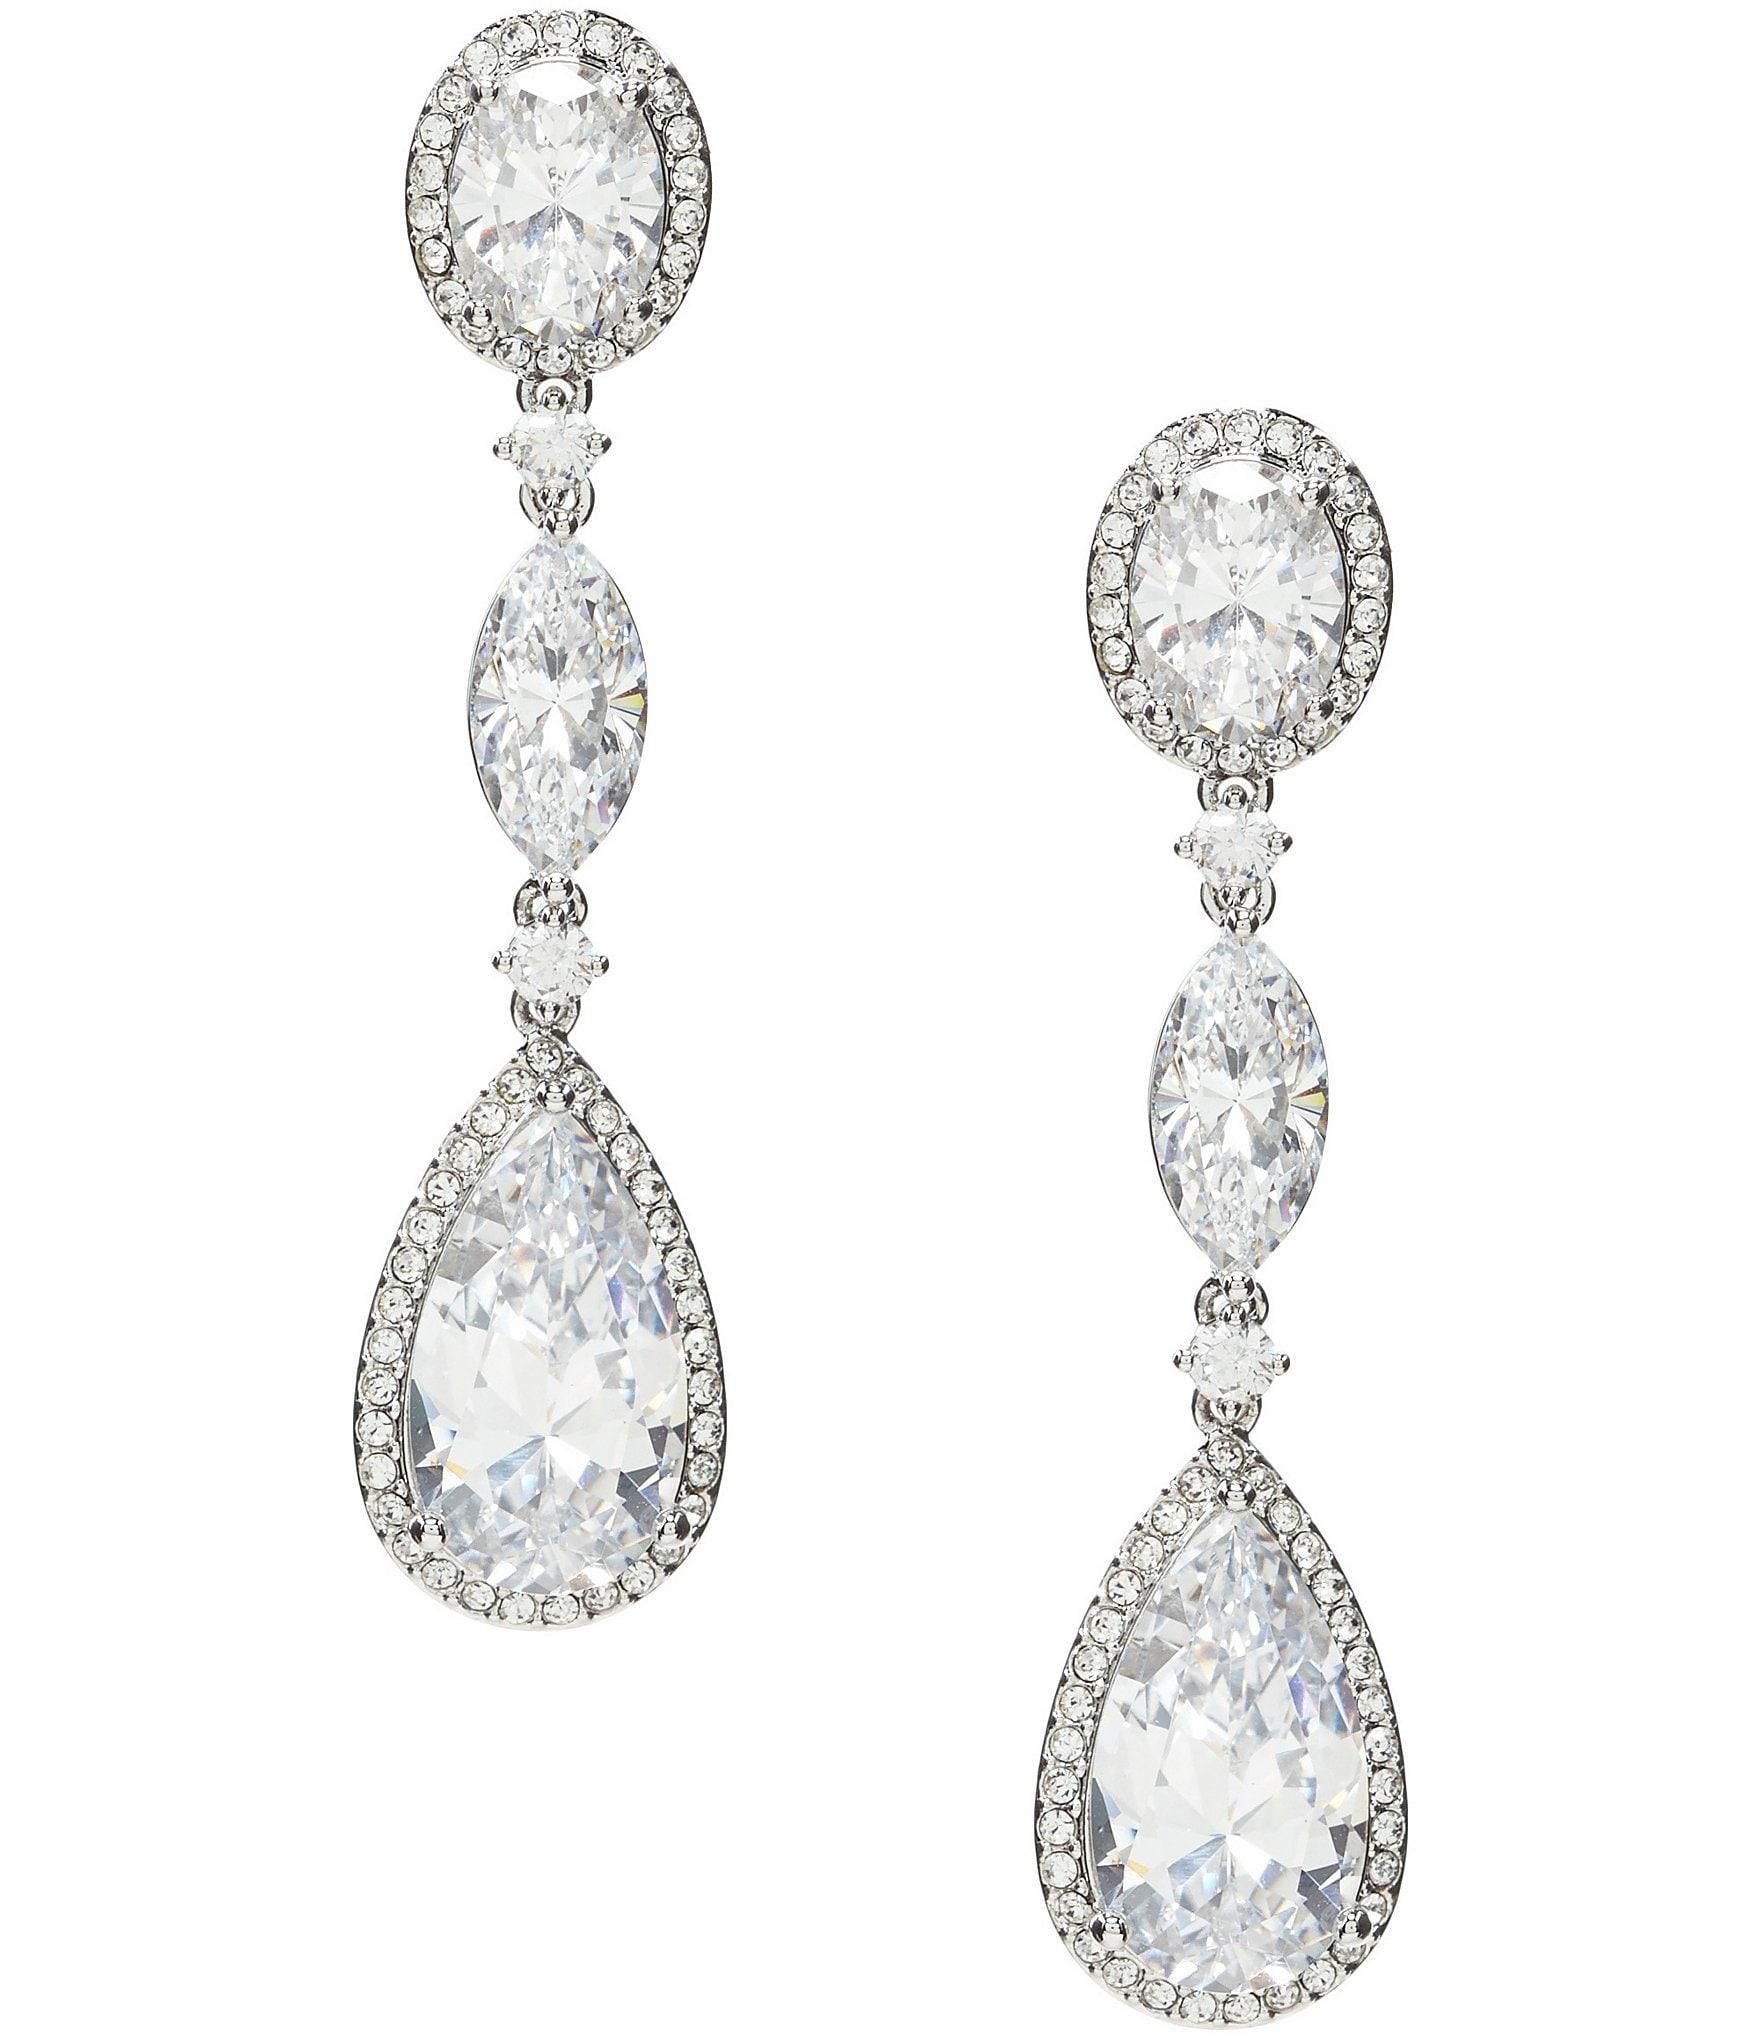 b748243f1 526: Women's Jewelry | Dillard's